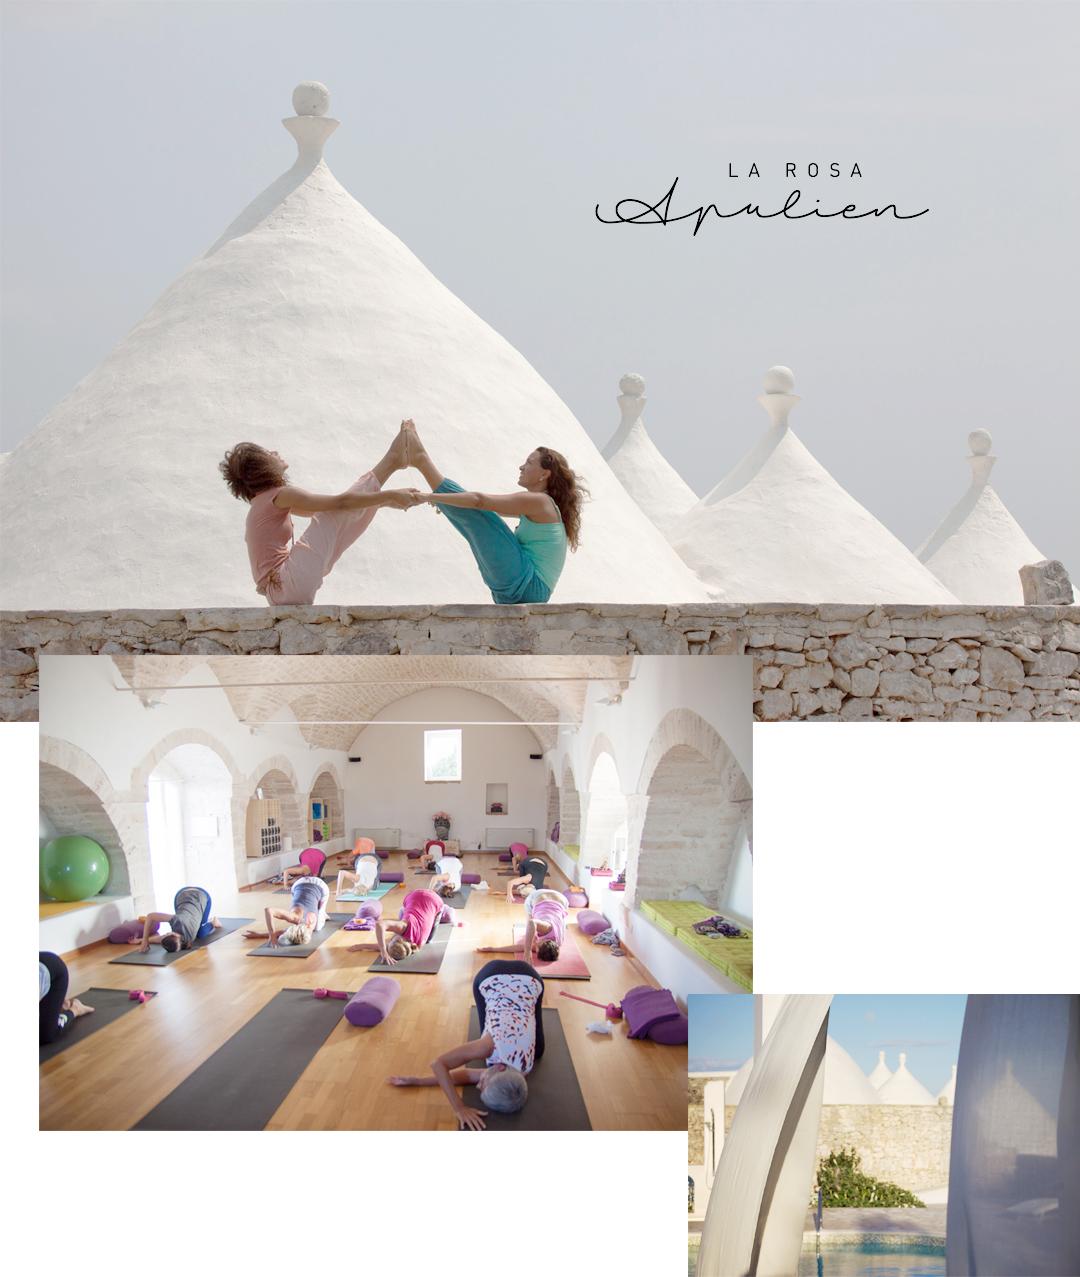 Ahtayoga Yogaferien Yoga Urlaub